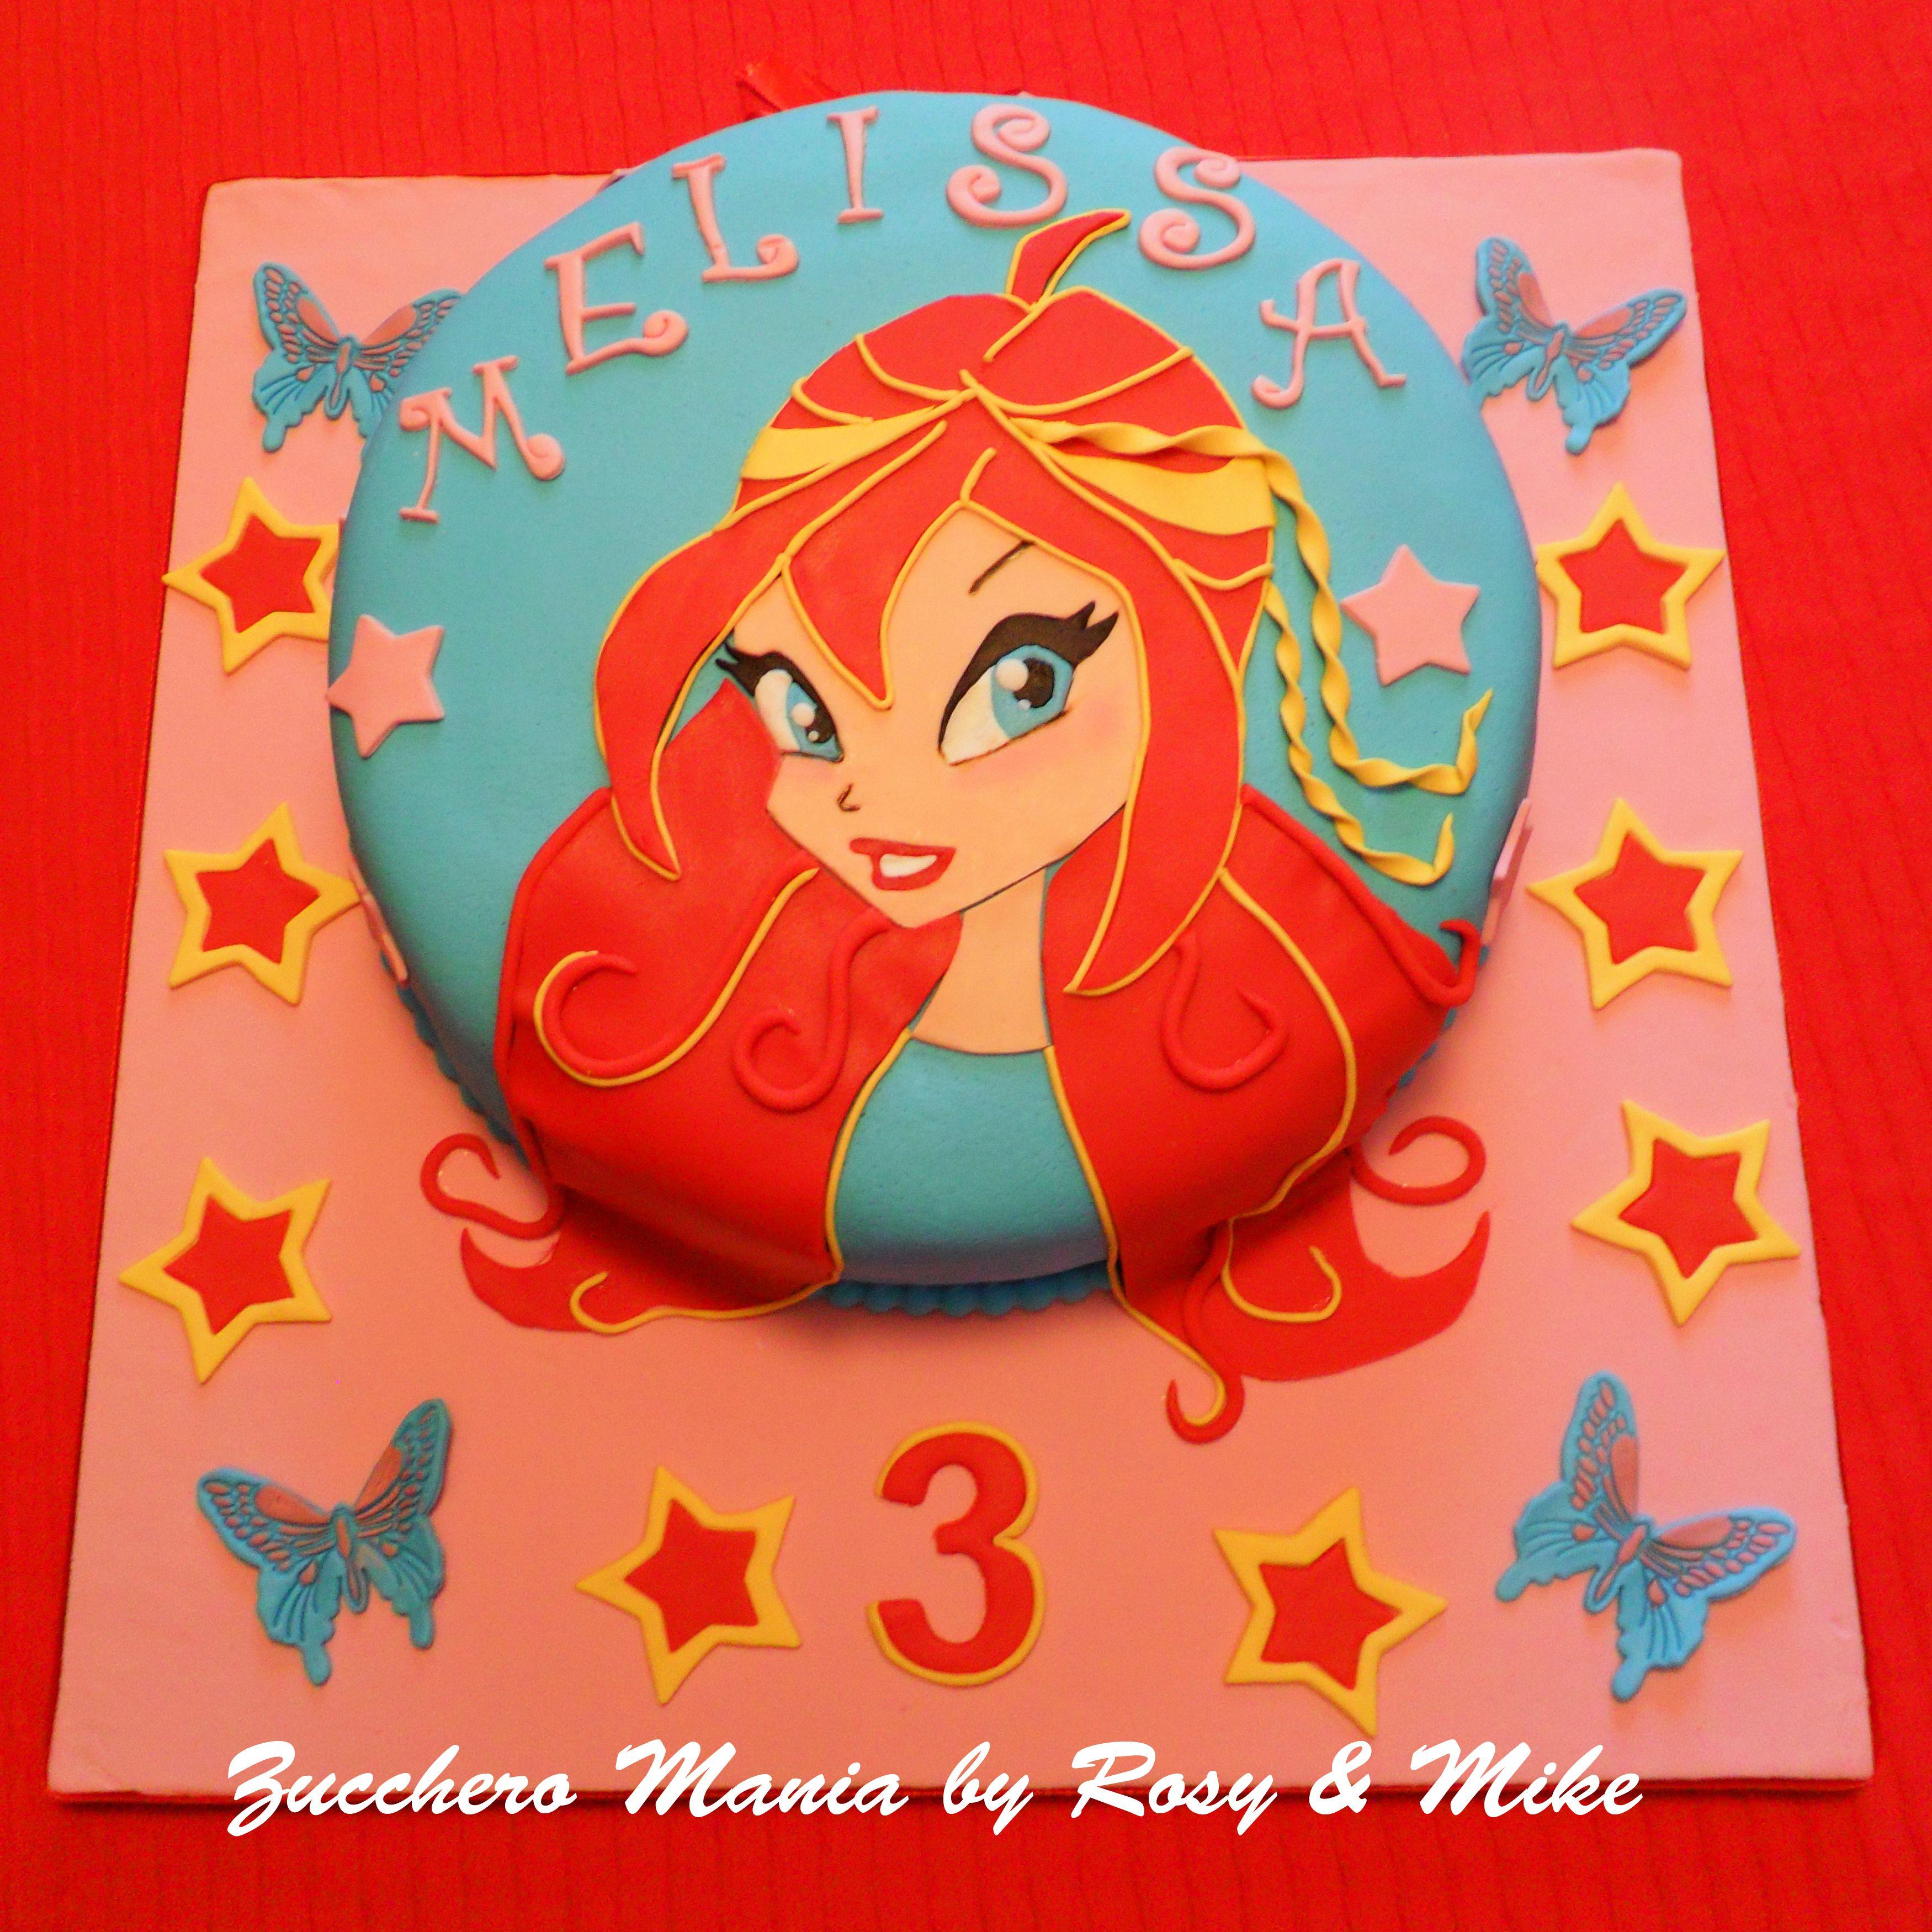 торт с днем рождения винкс картинки этом случае список